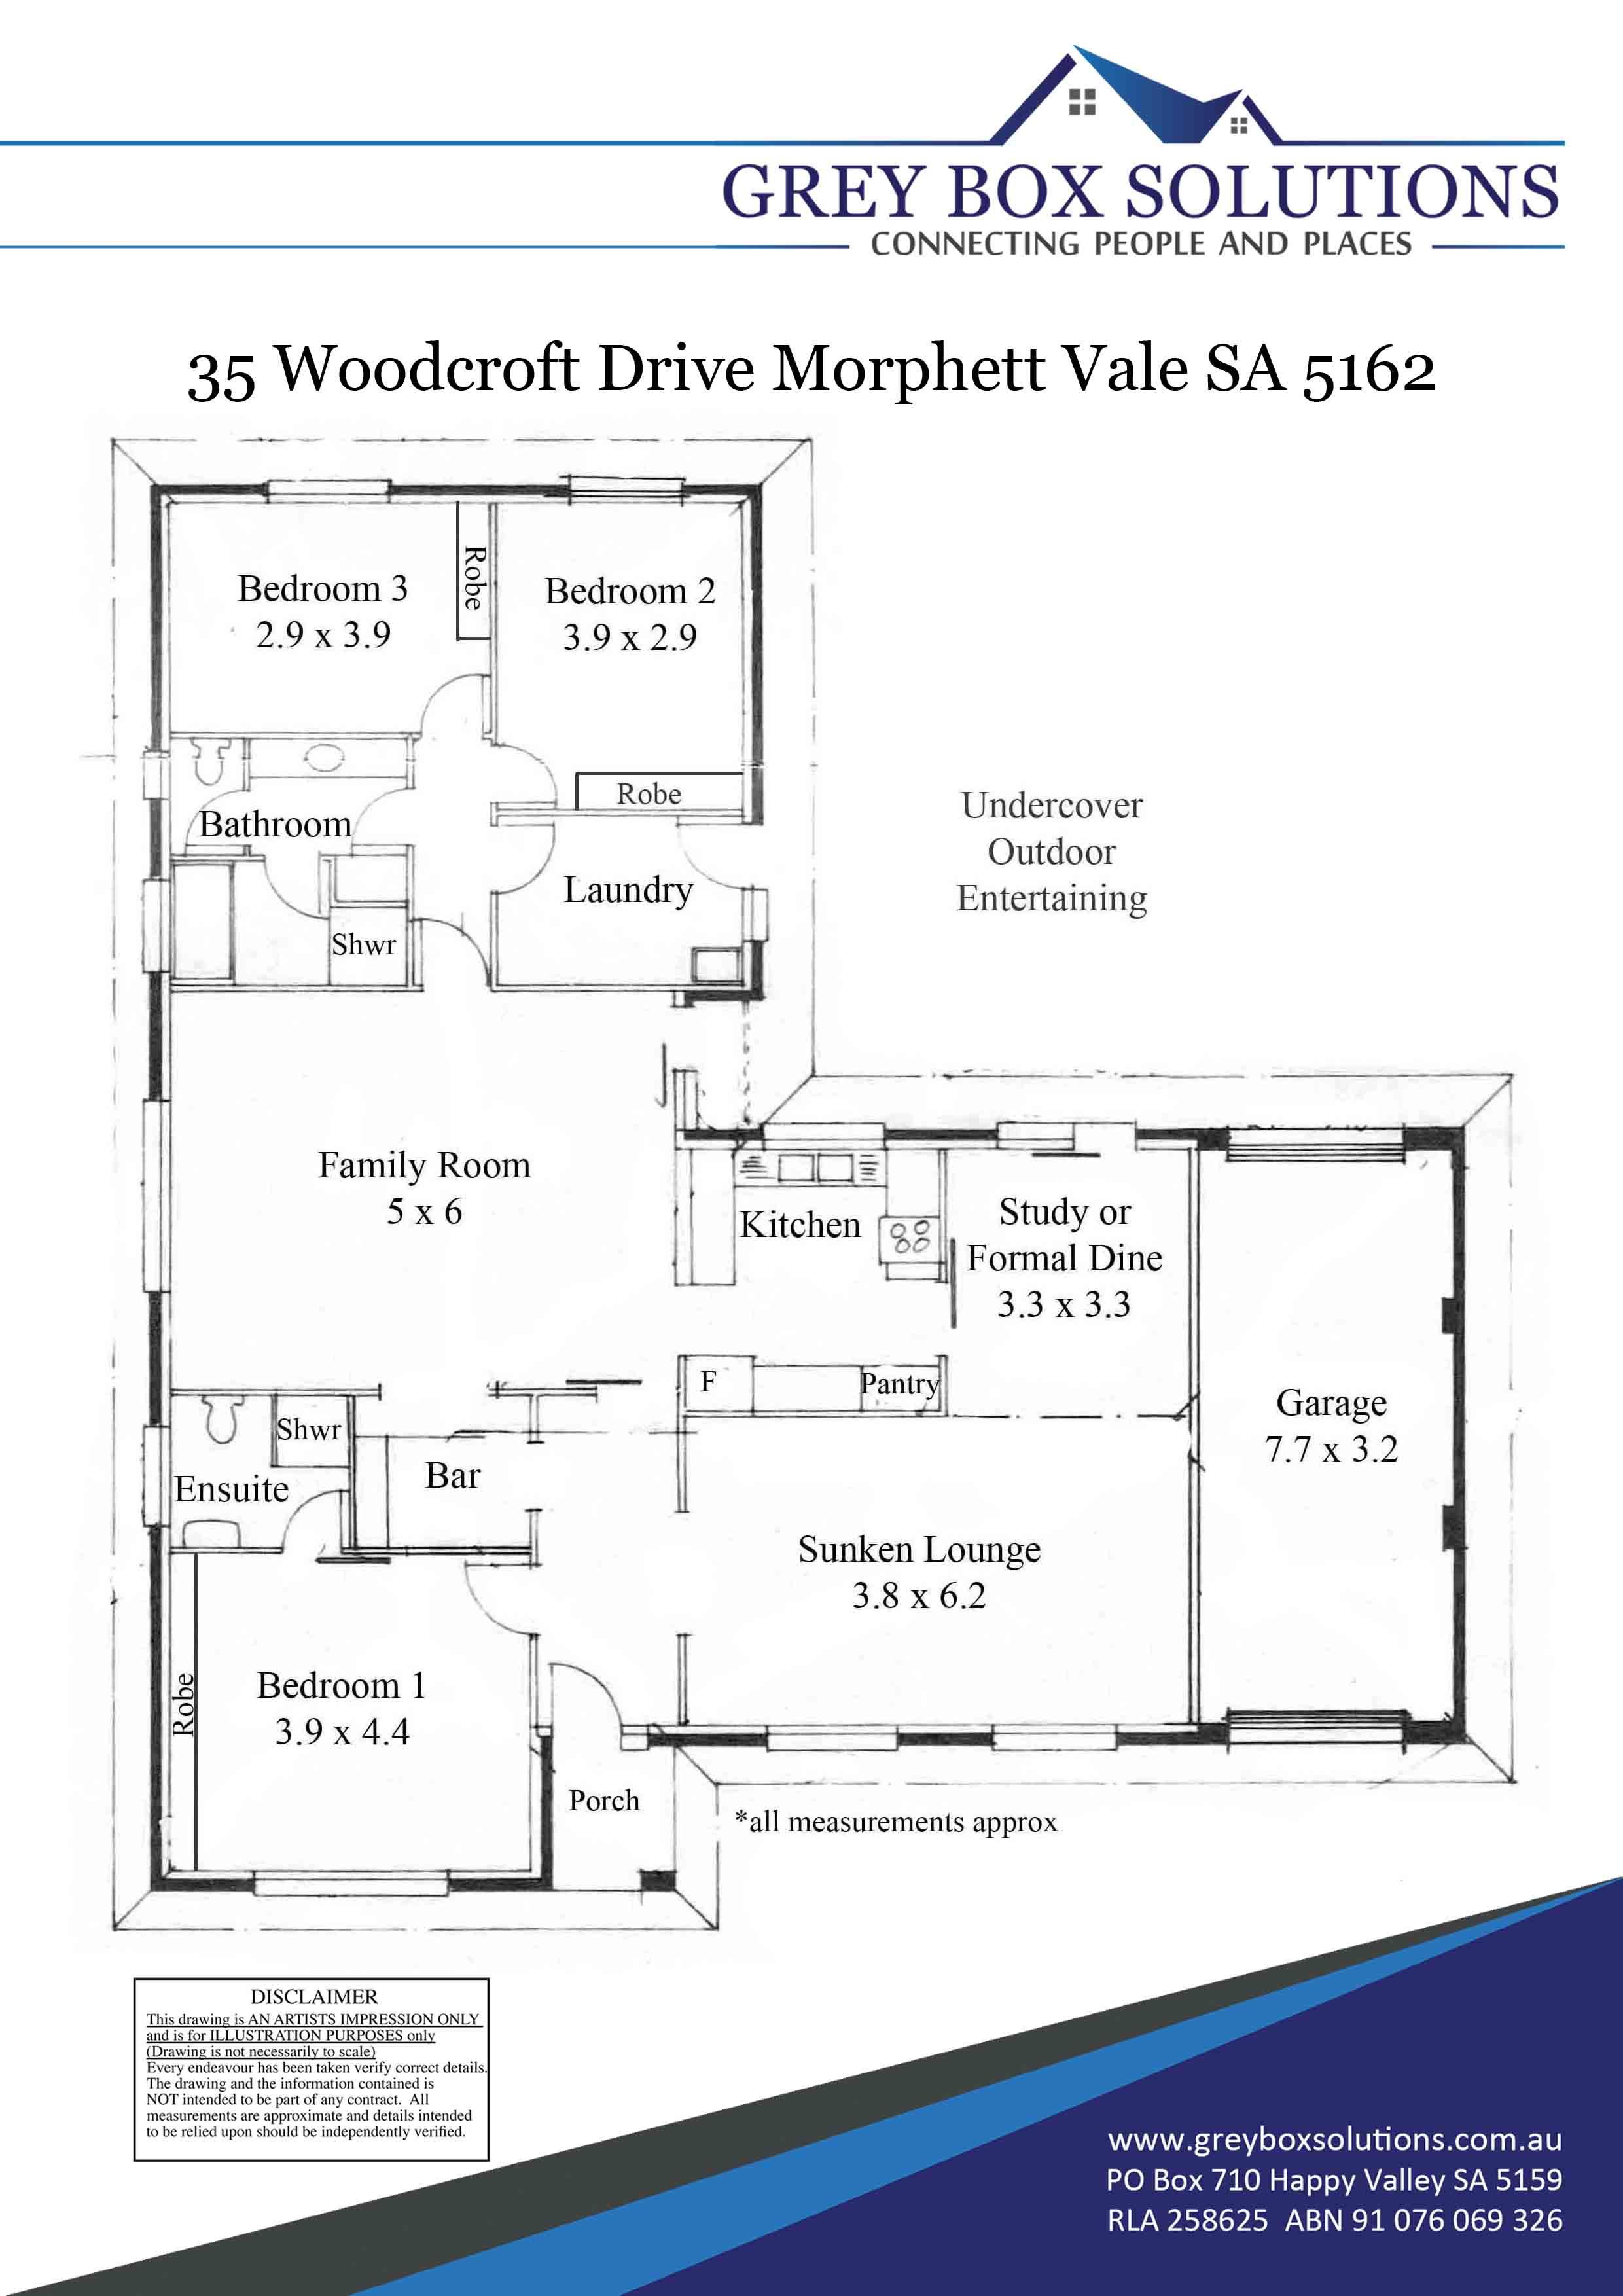 35WO - 16 Floor Plan